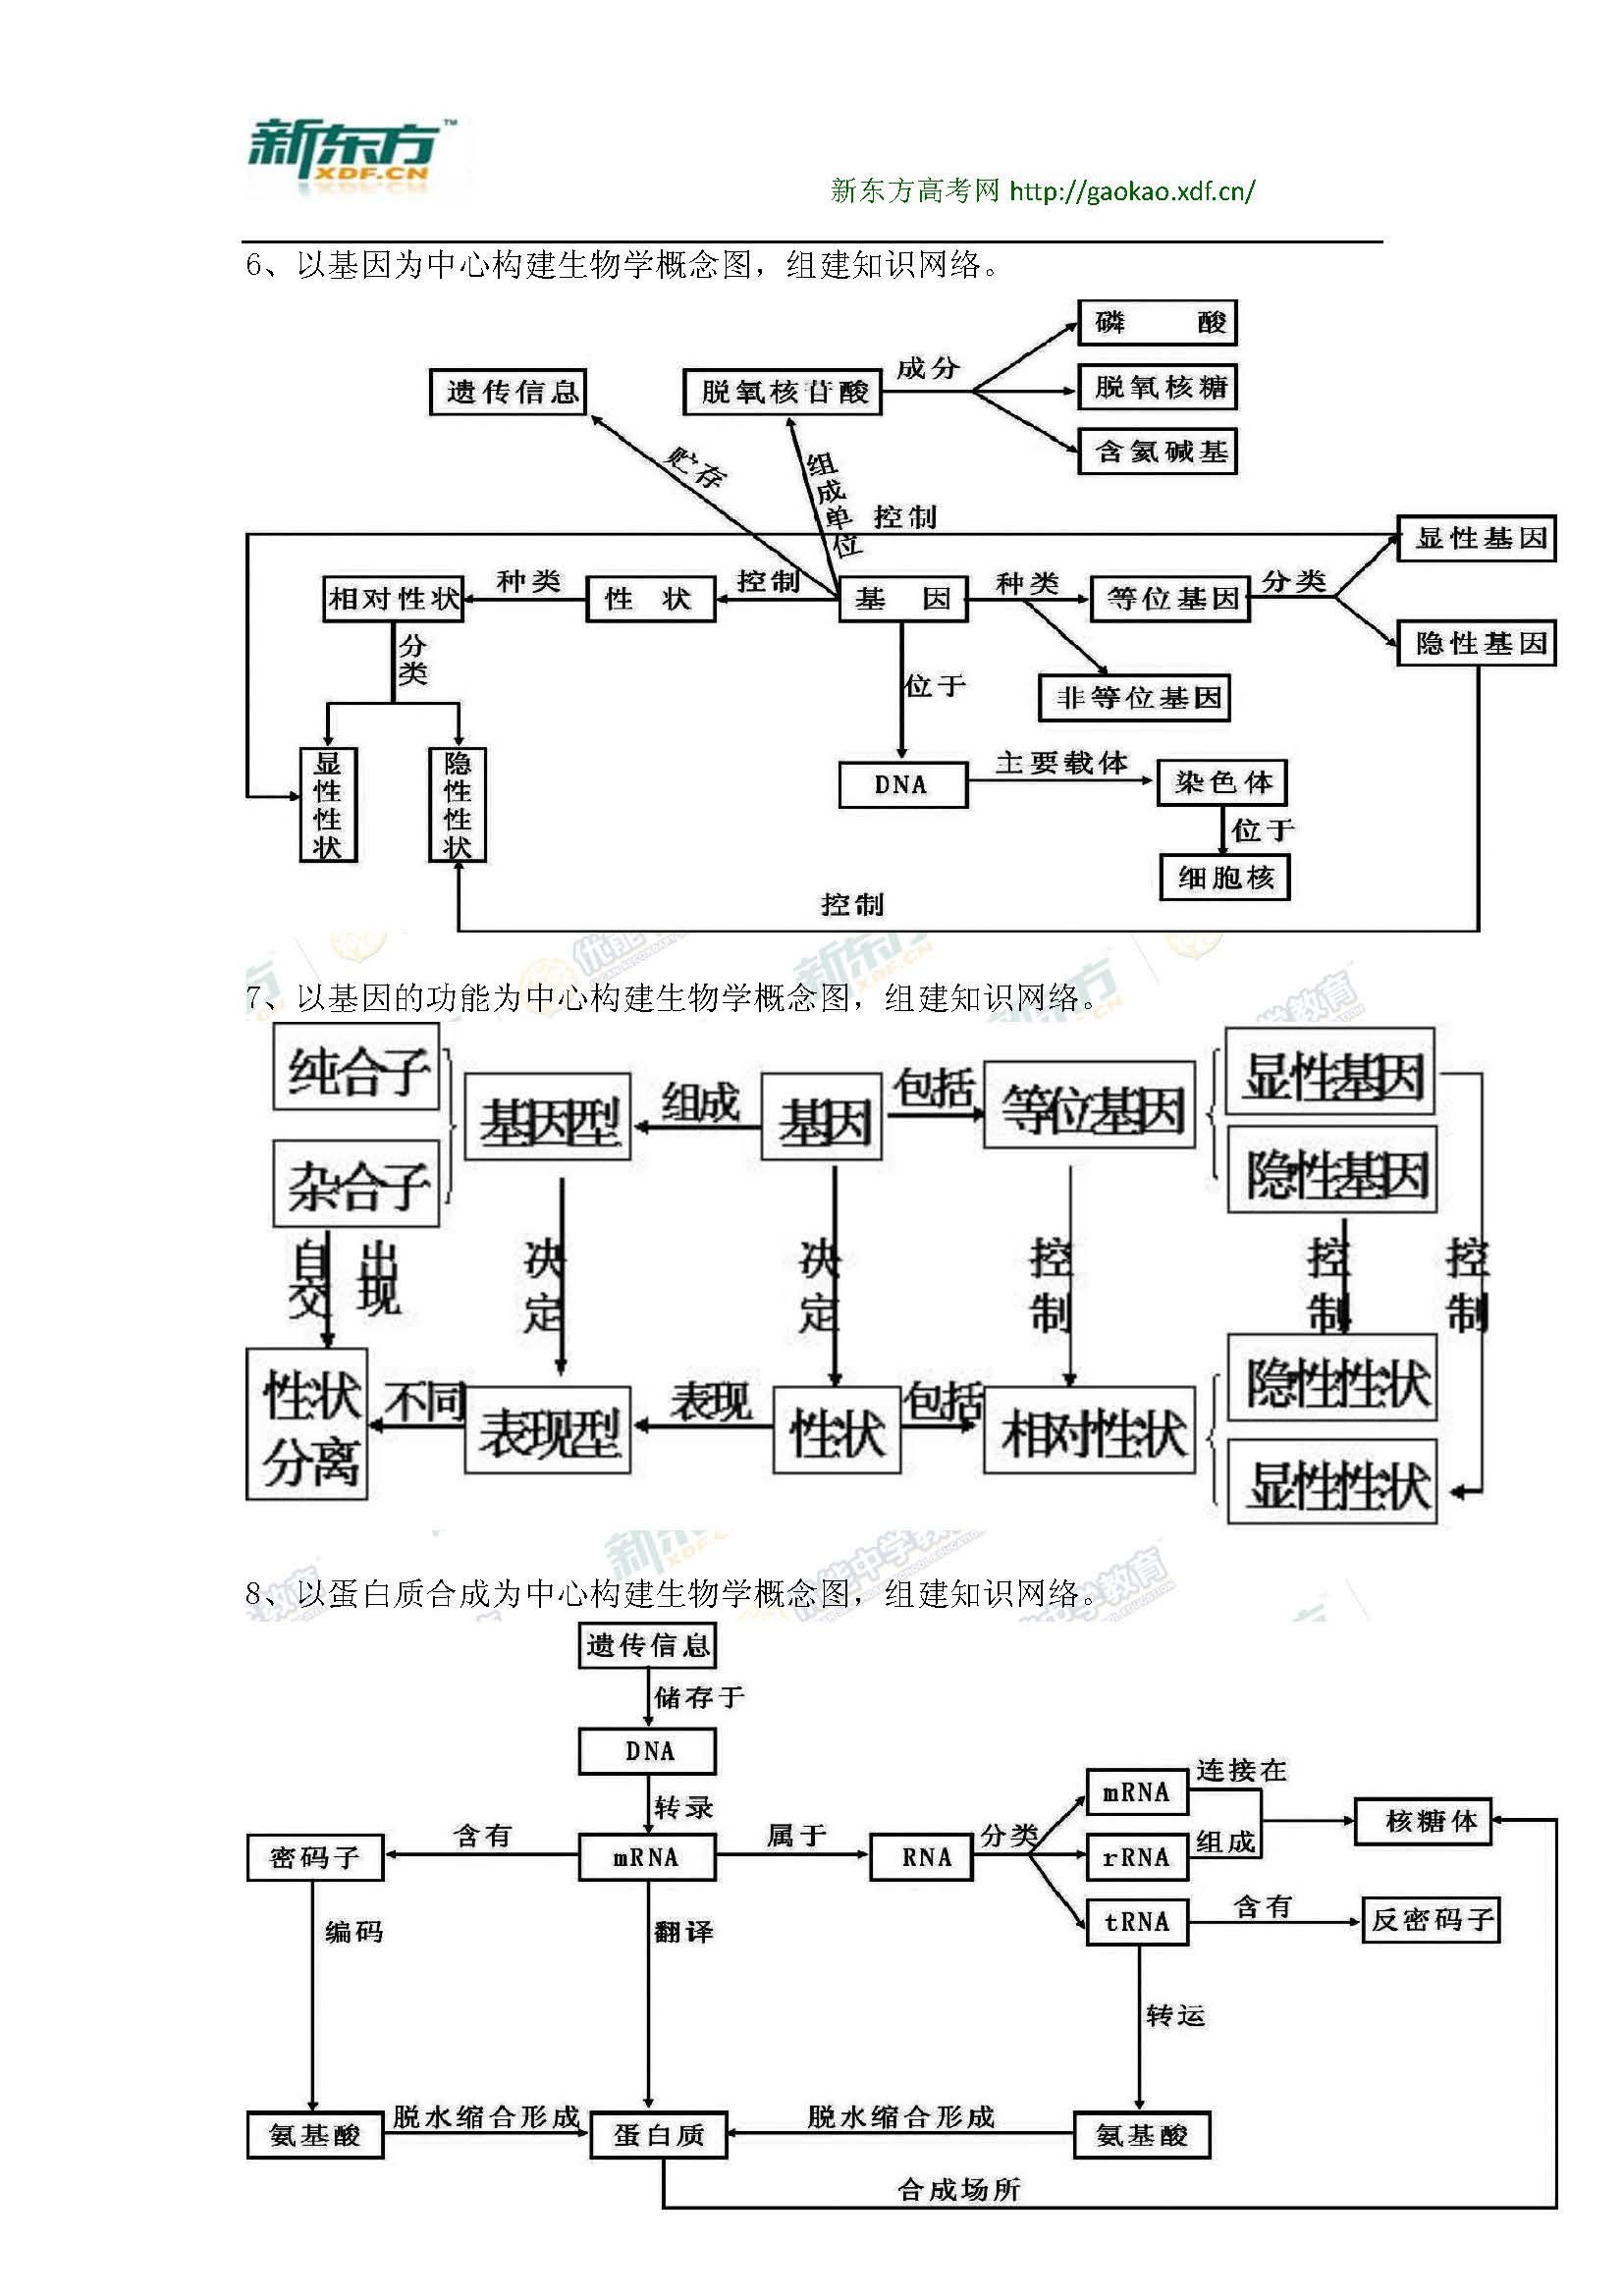 高中生物知识点梳理图总汇_新东方网_第3页